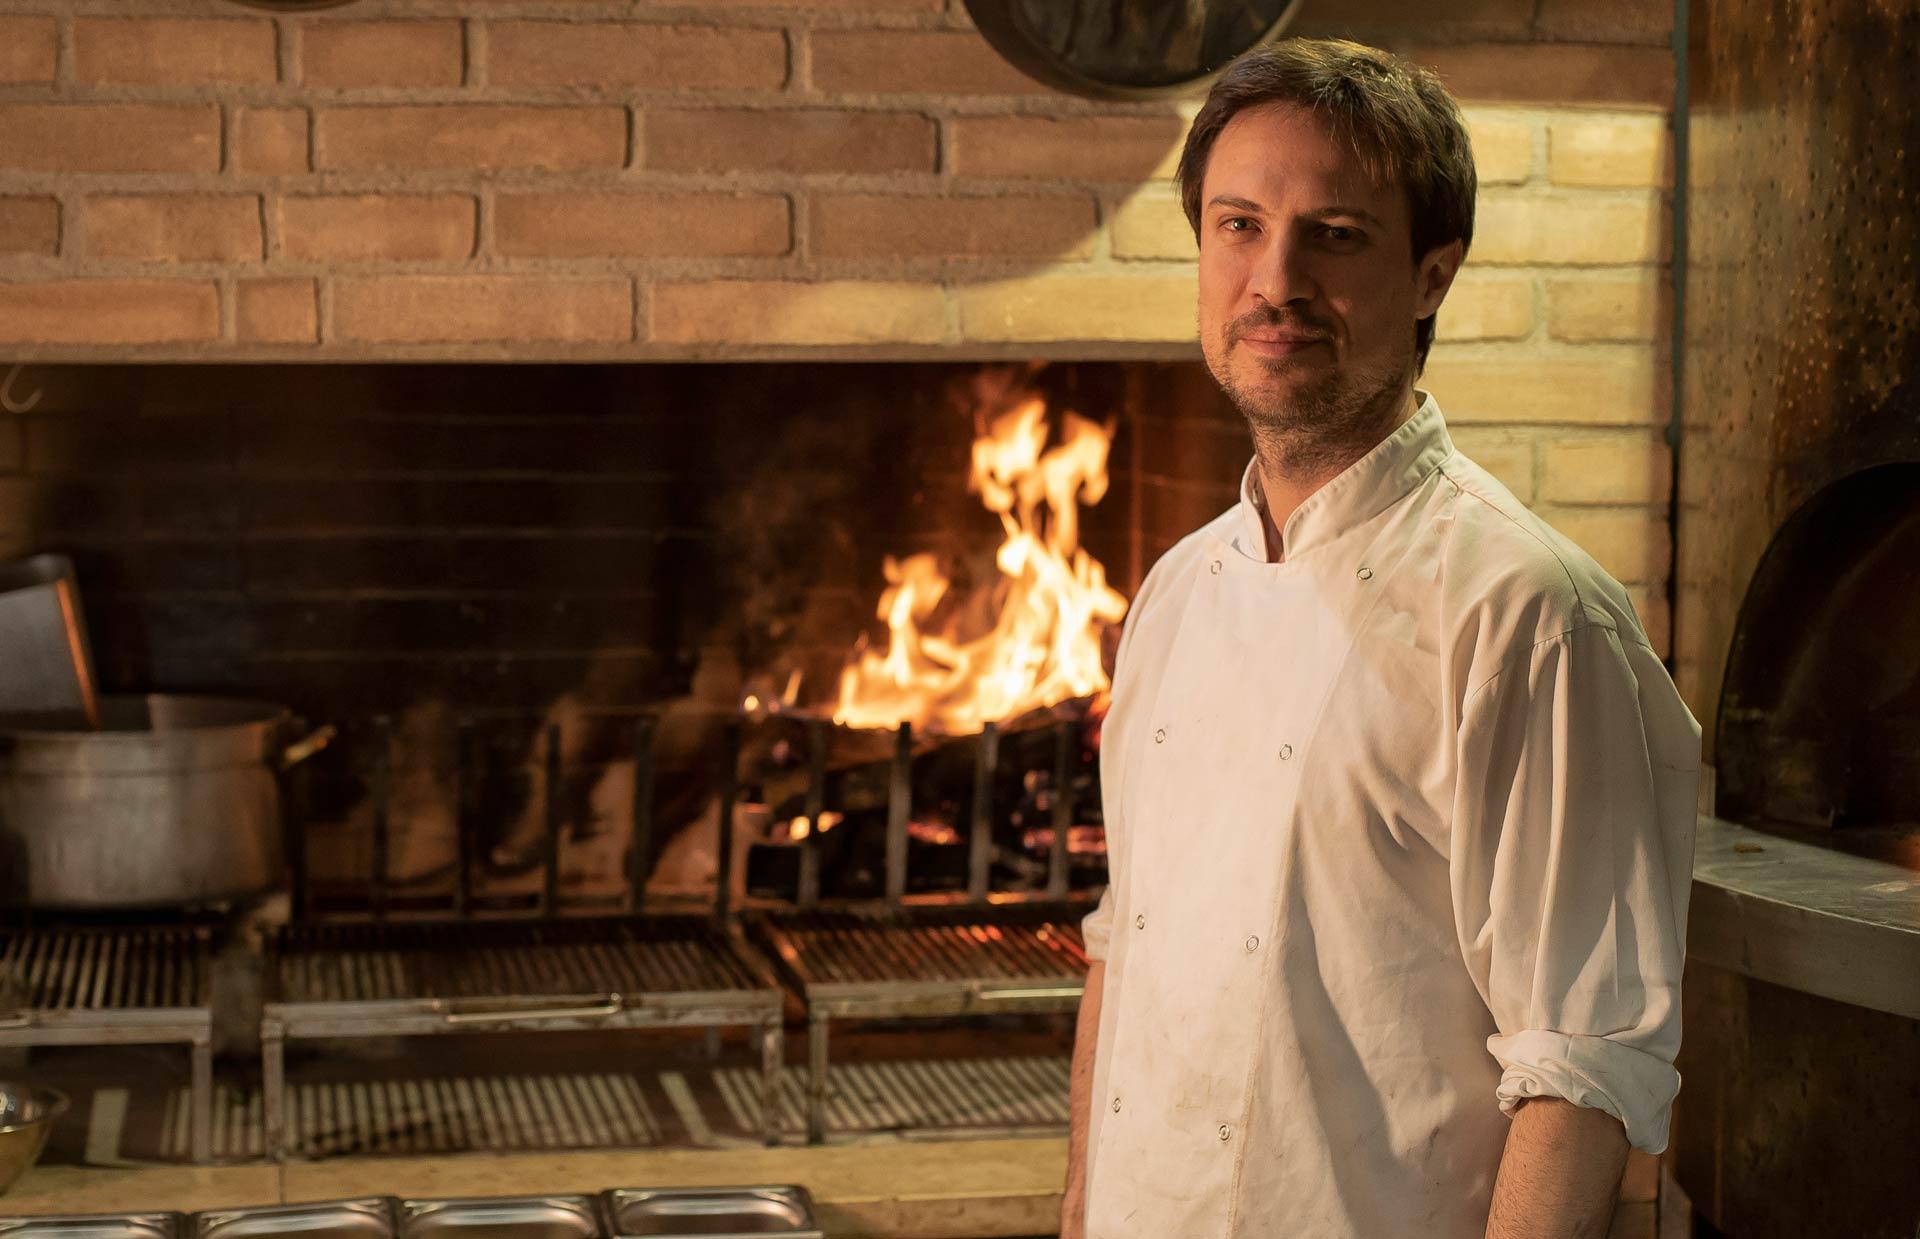 Luigi-Giampietro-Chef-Ombra-Restaurant-3